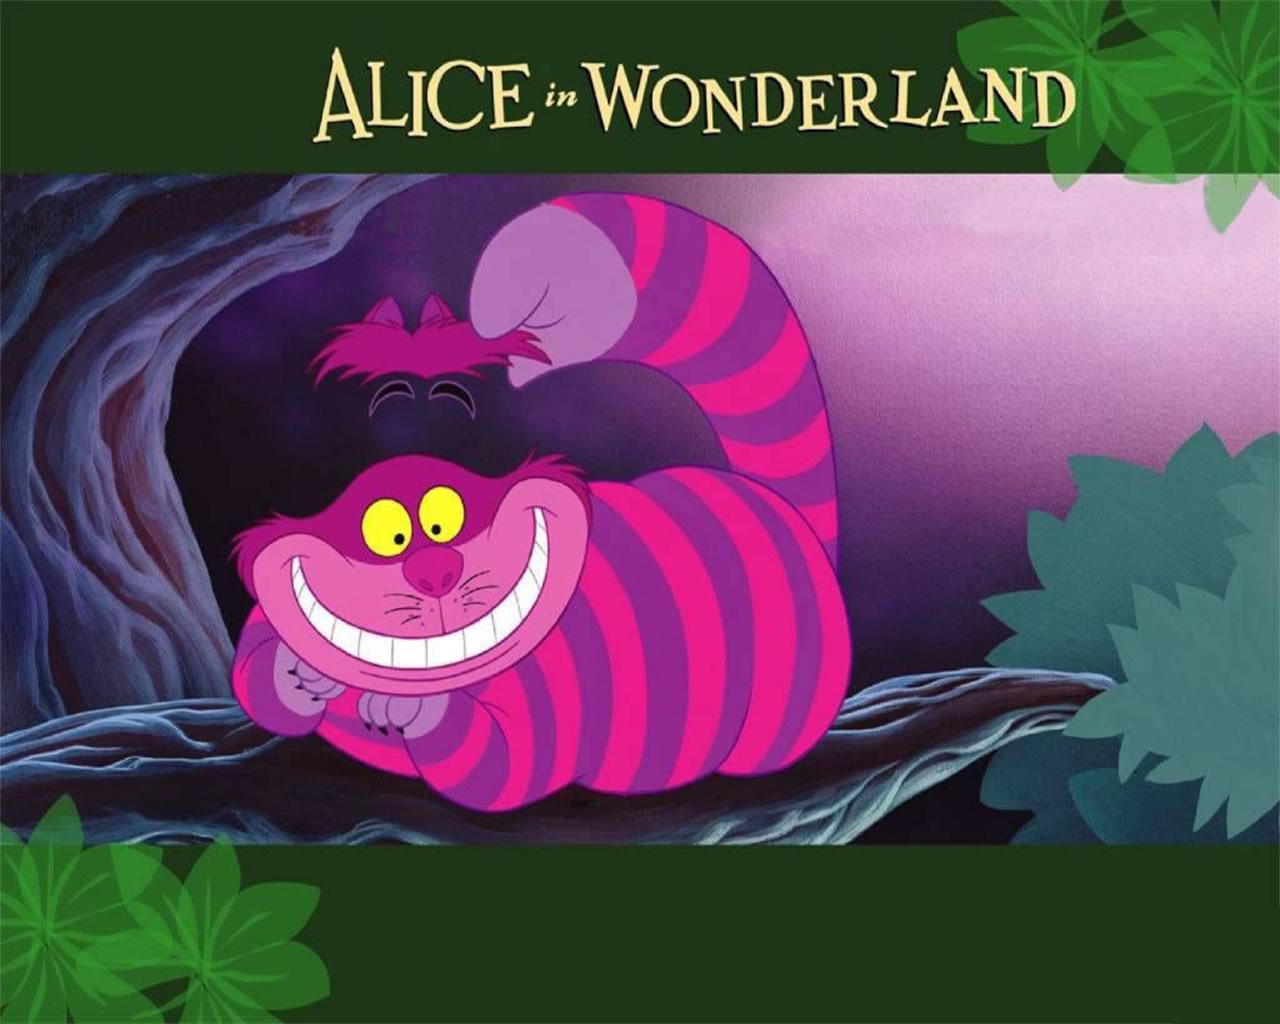 download wallpaper: kolderkat uit Alice in Wonderland wallpaper